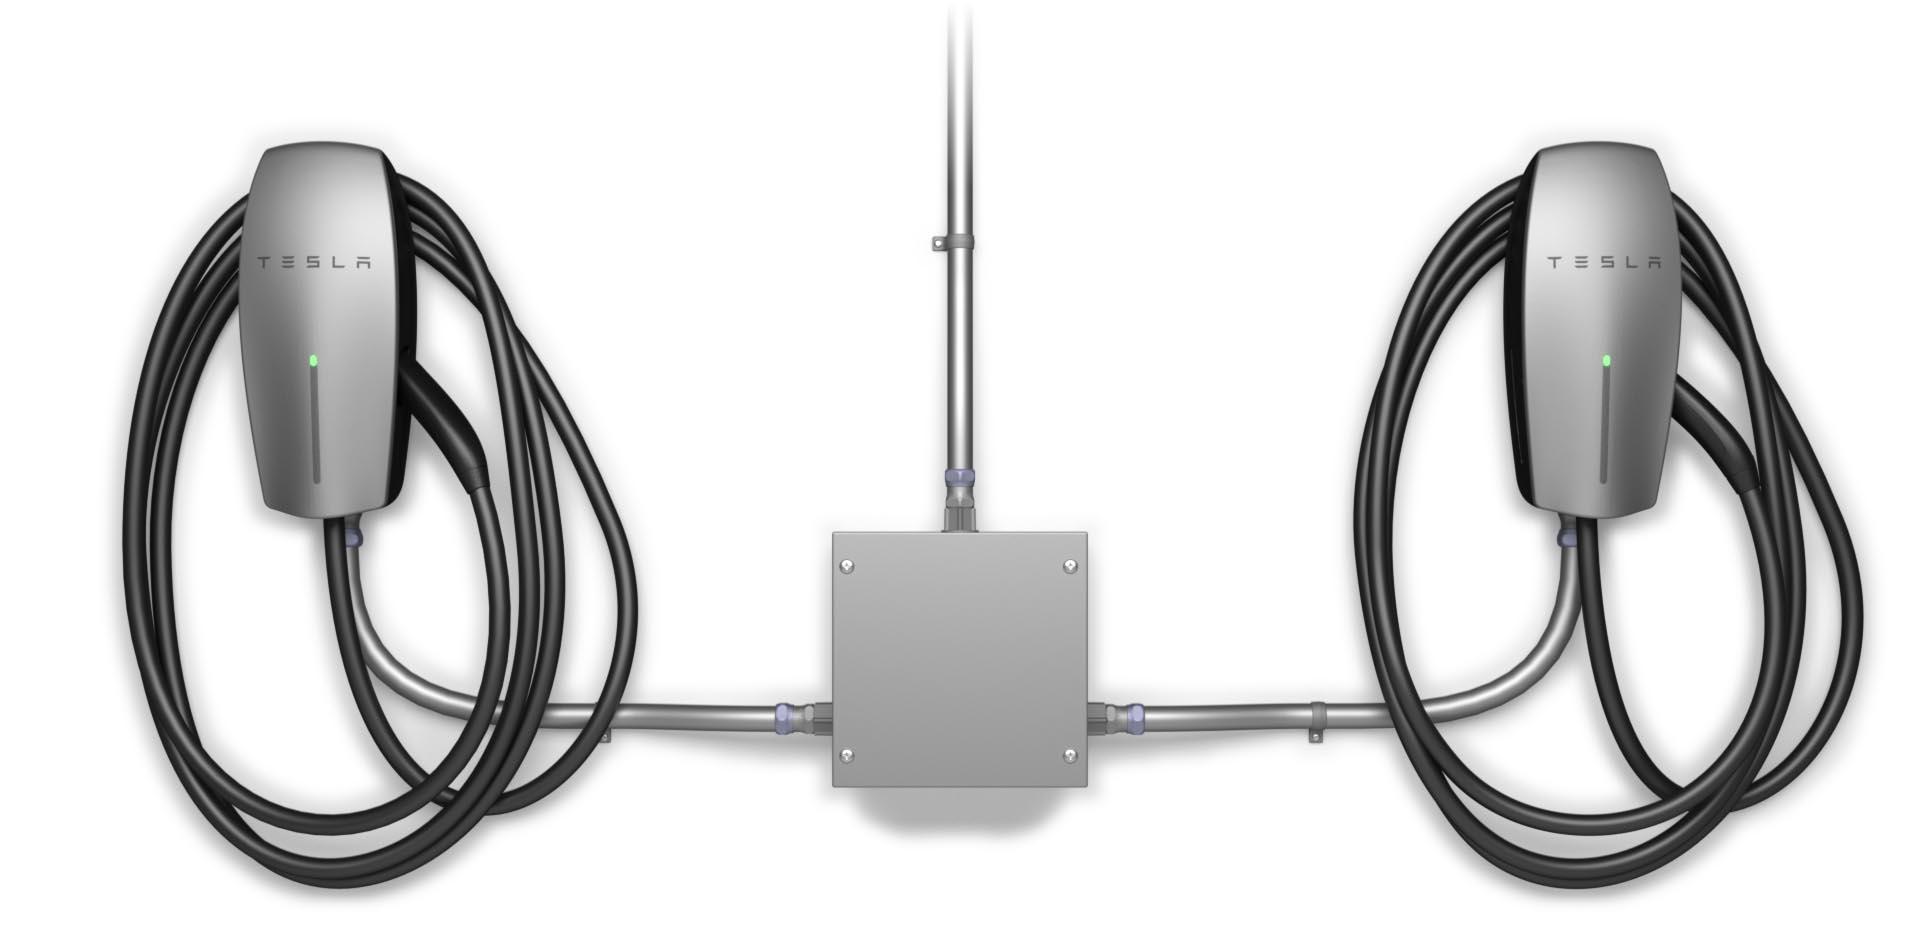 Tesla представила первую домашнюю зарядную станцию, которую можно подключить к сетевой розетке